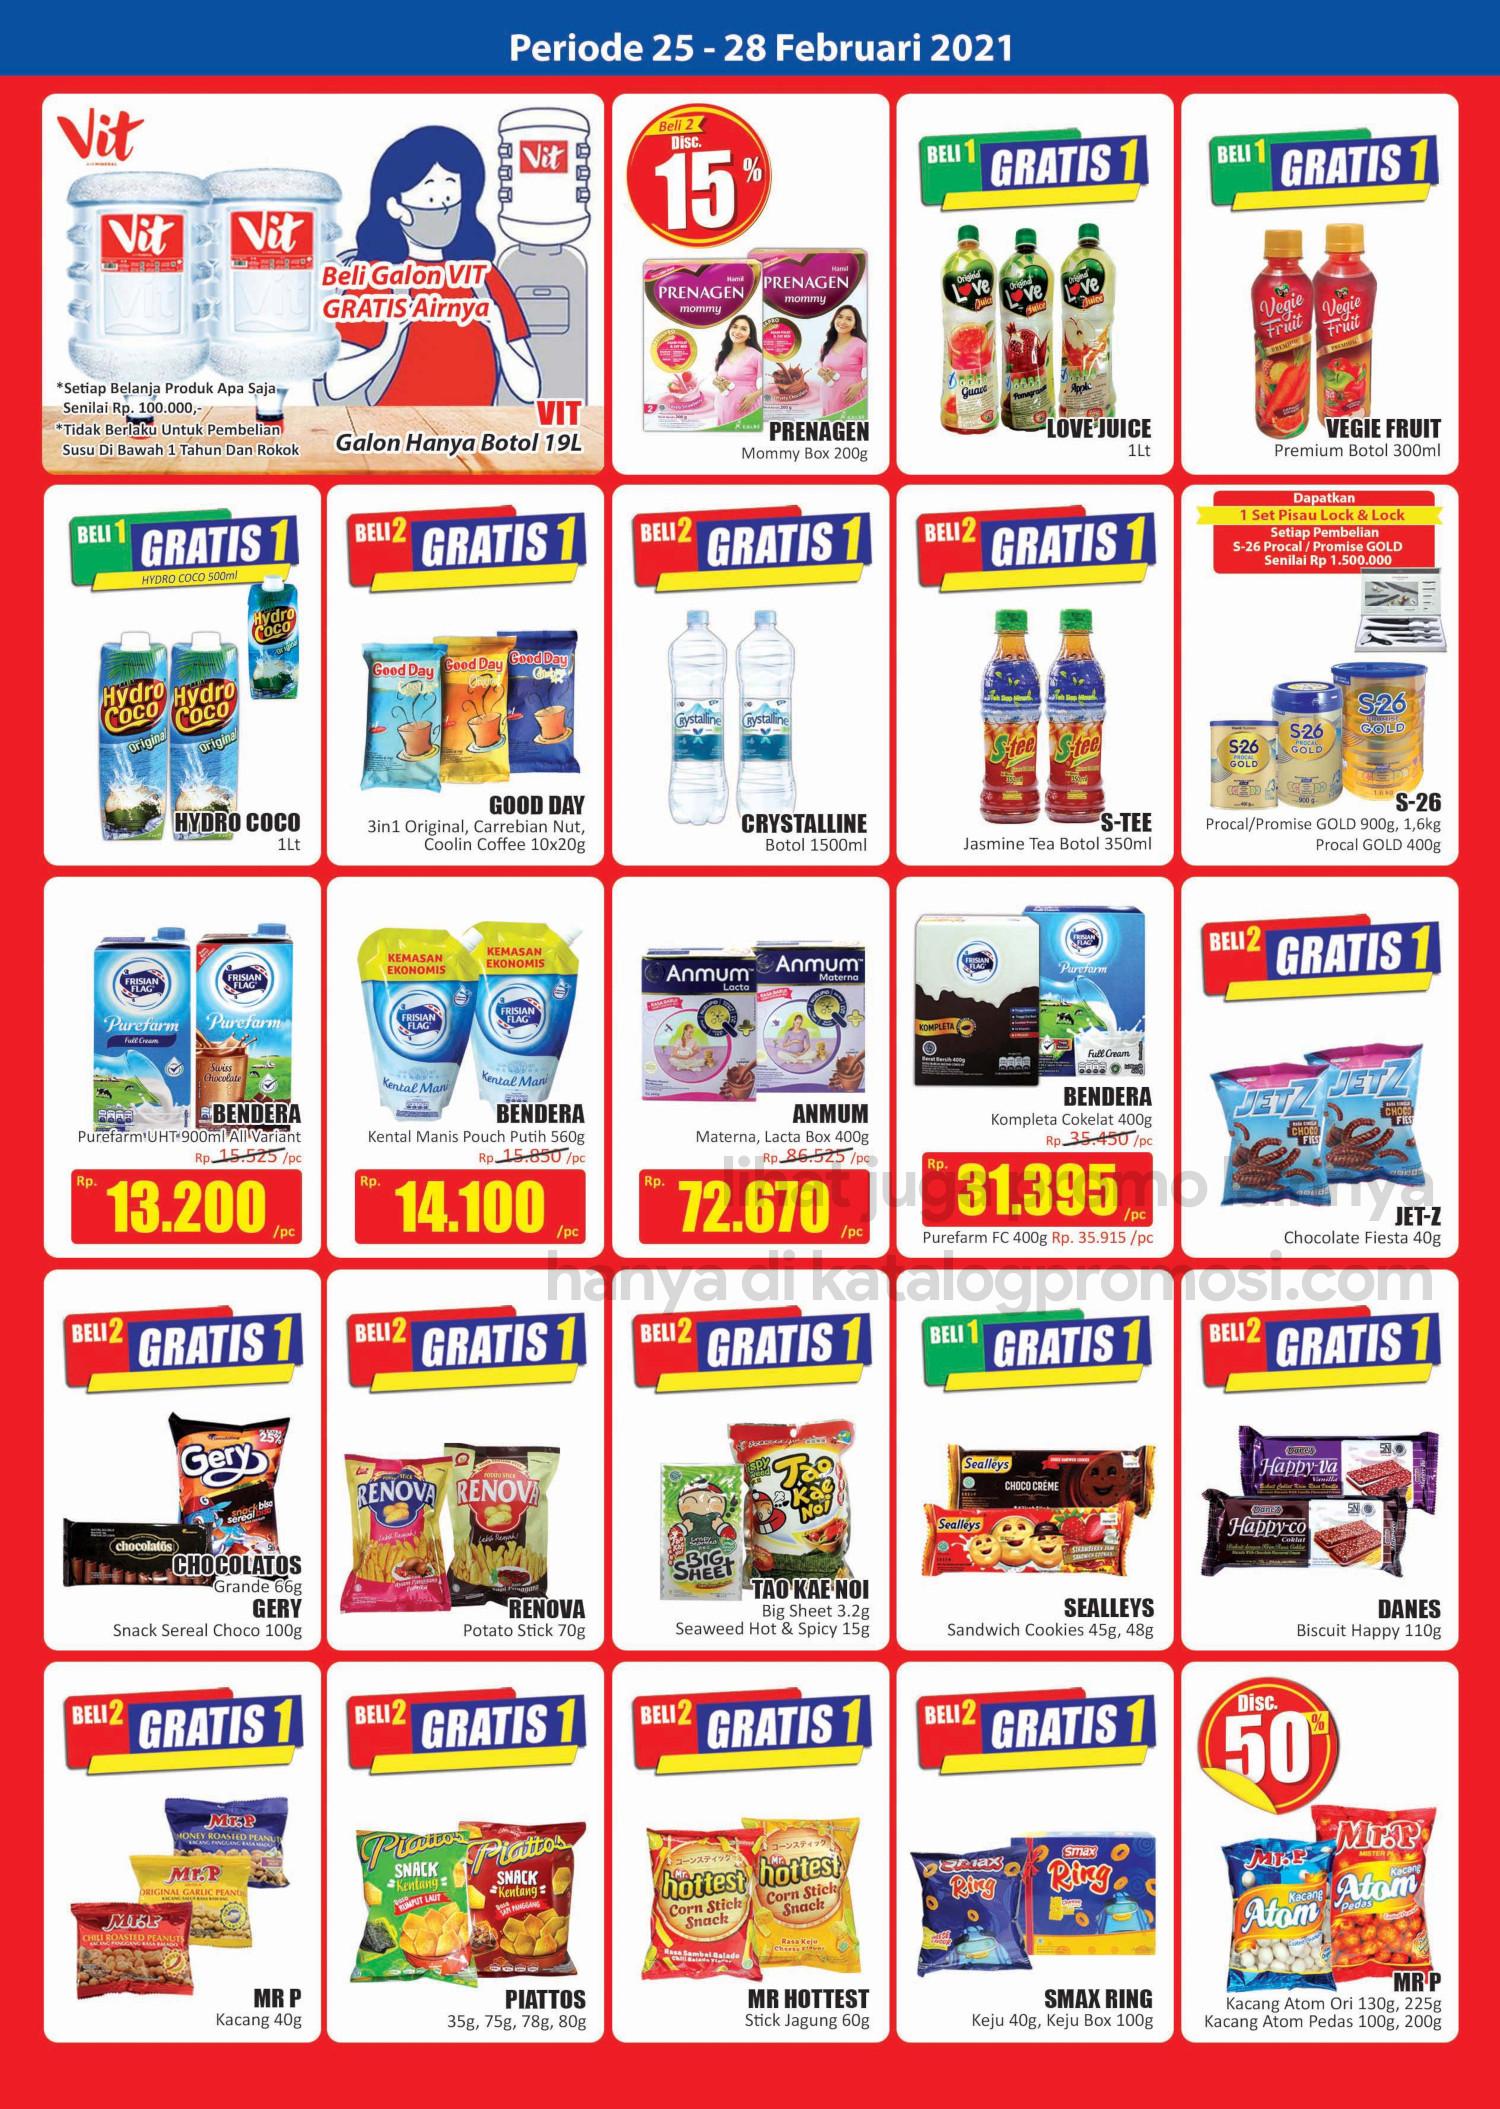 Promo Hari Hari Pasar Swalayan Weekend JSM Periode 25-28 Februari 2021